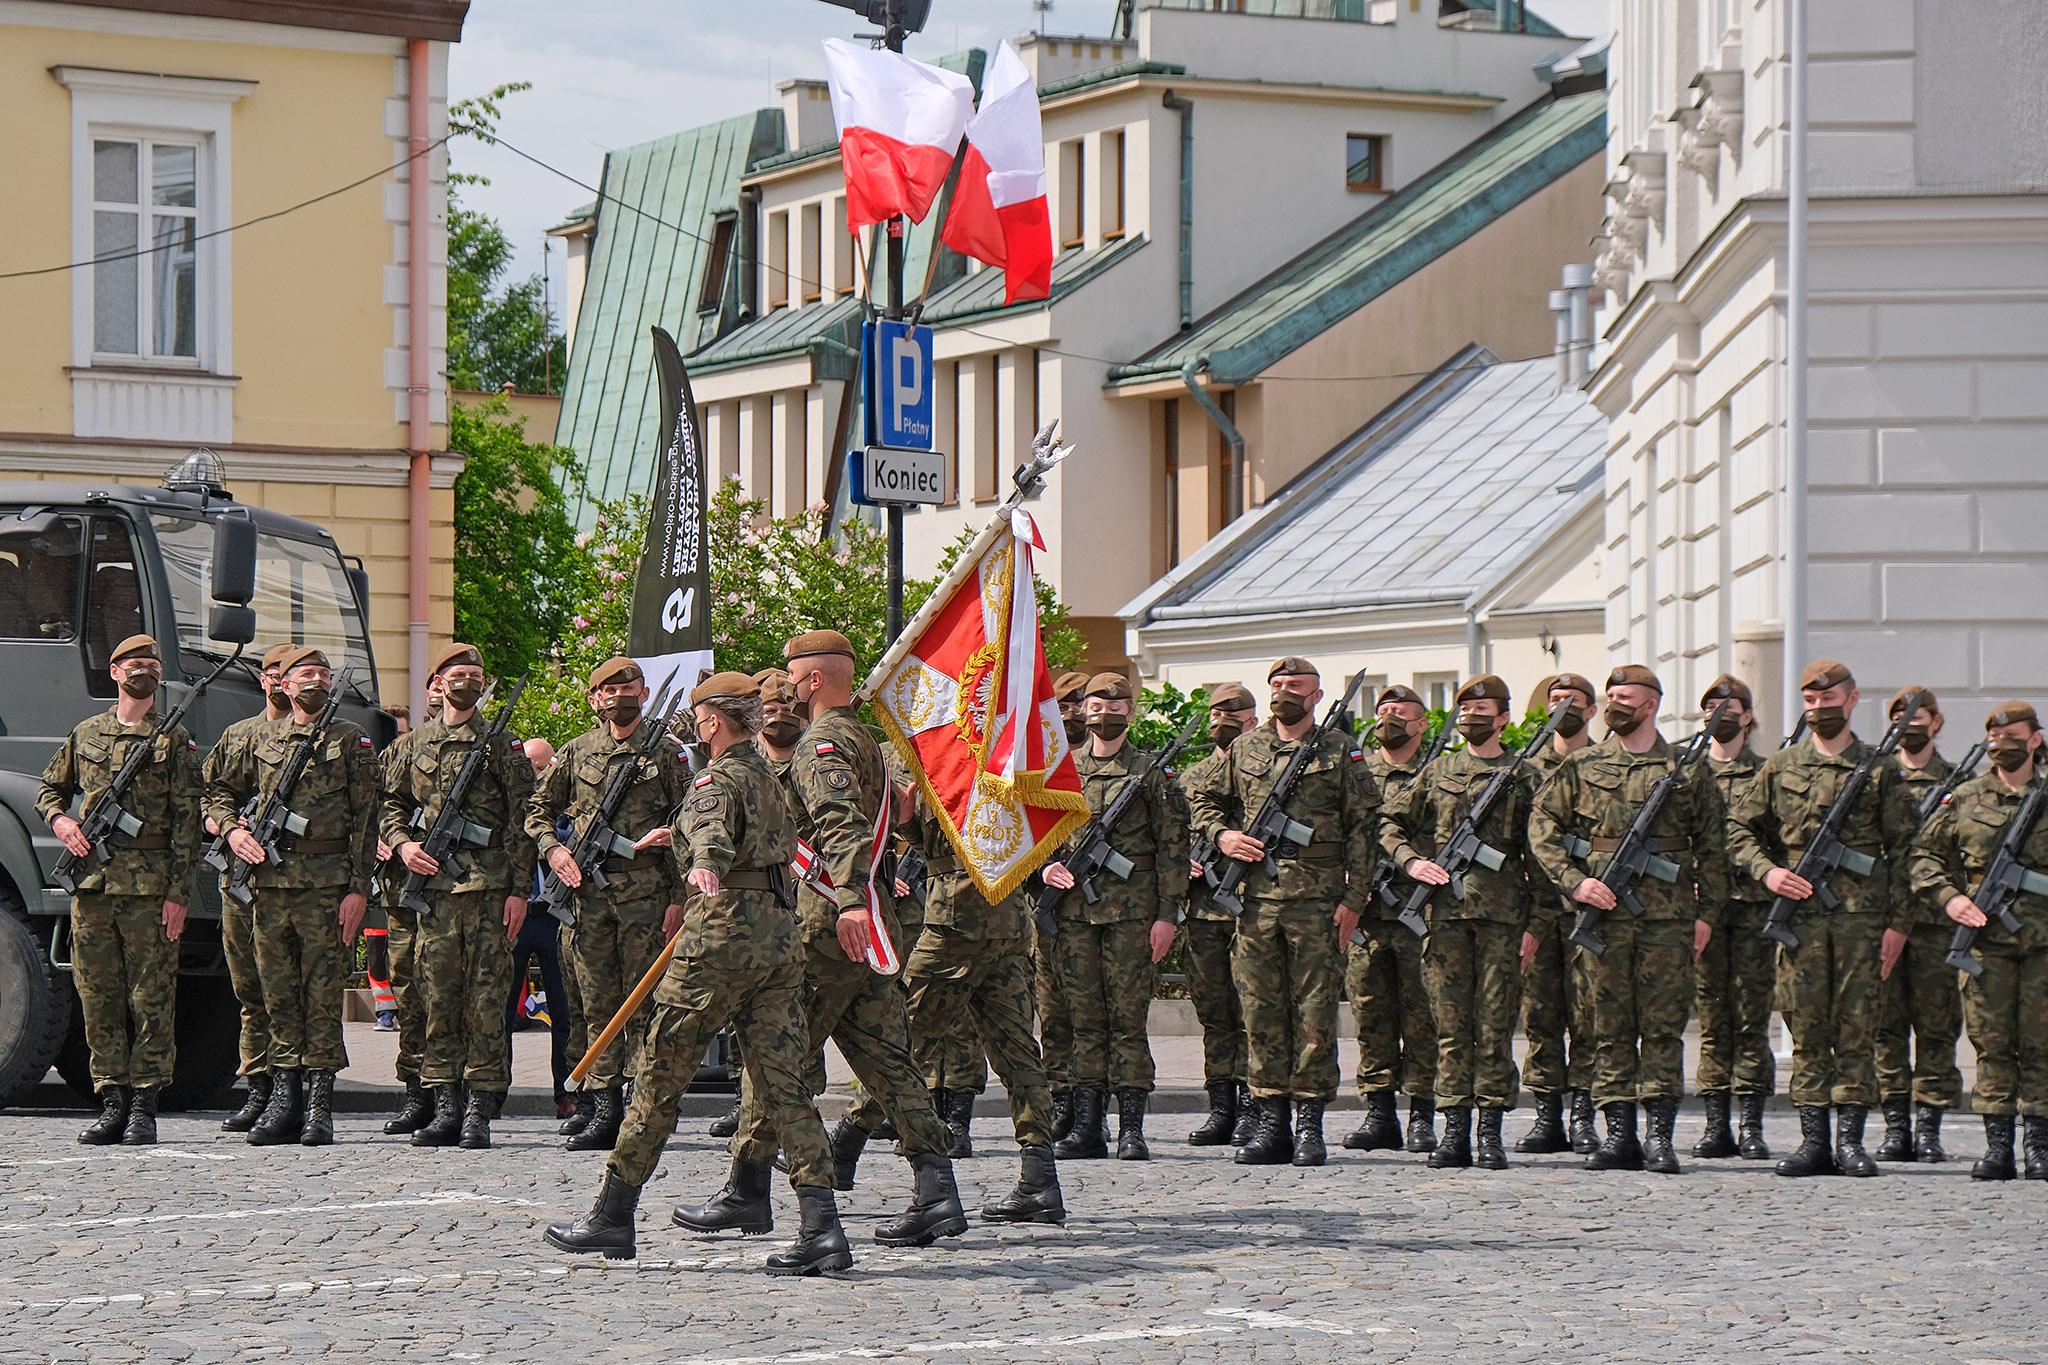 DSCF2221_RZESZOW_NEWS_SEBASTIAN_STANKIEWICZ